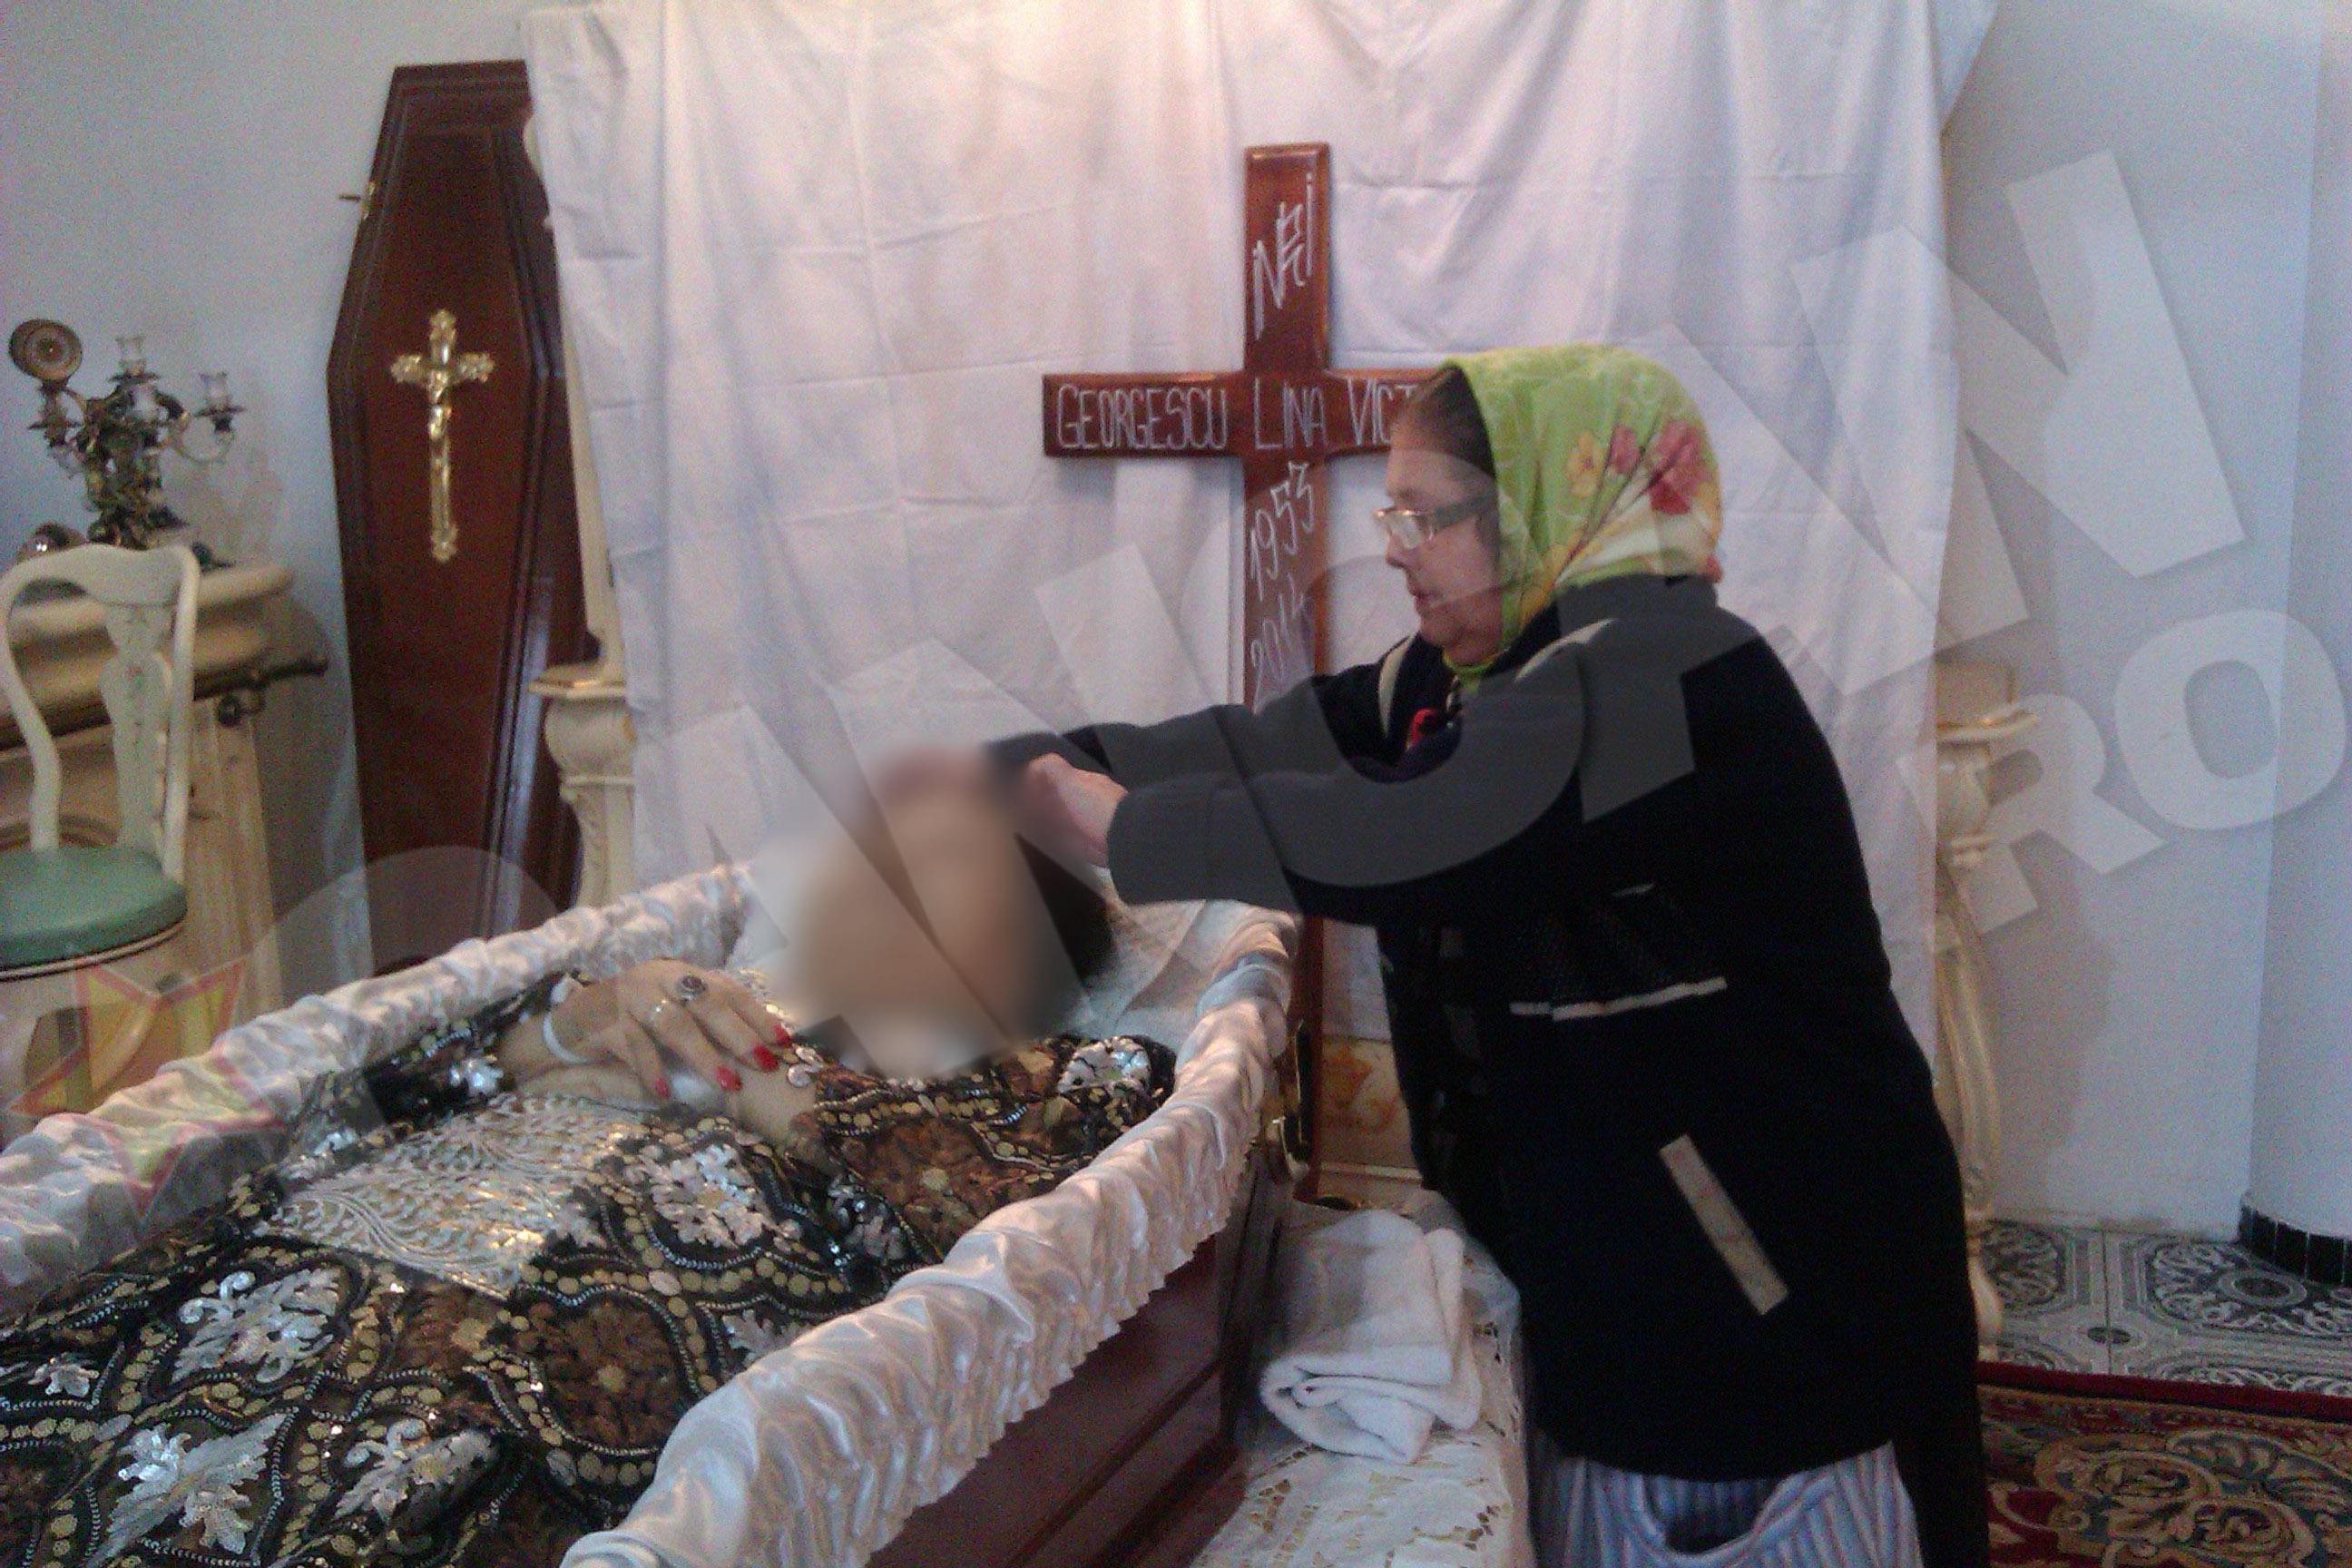 Regina florareselor din Bucuresti a murit in vila ei din Colentina